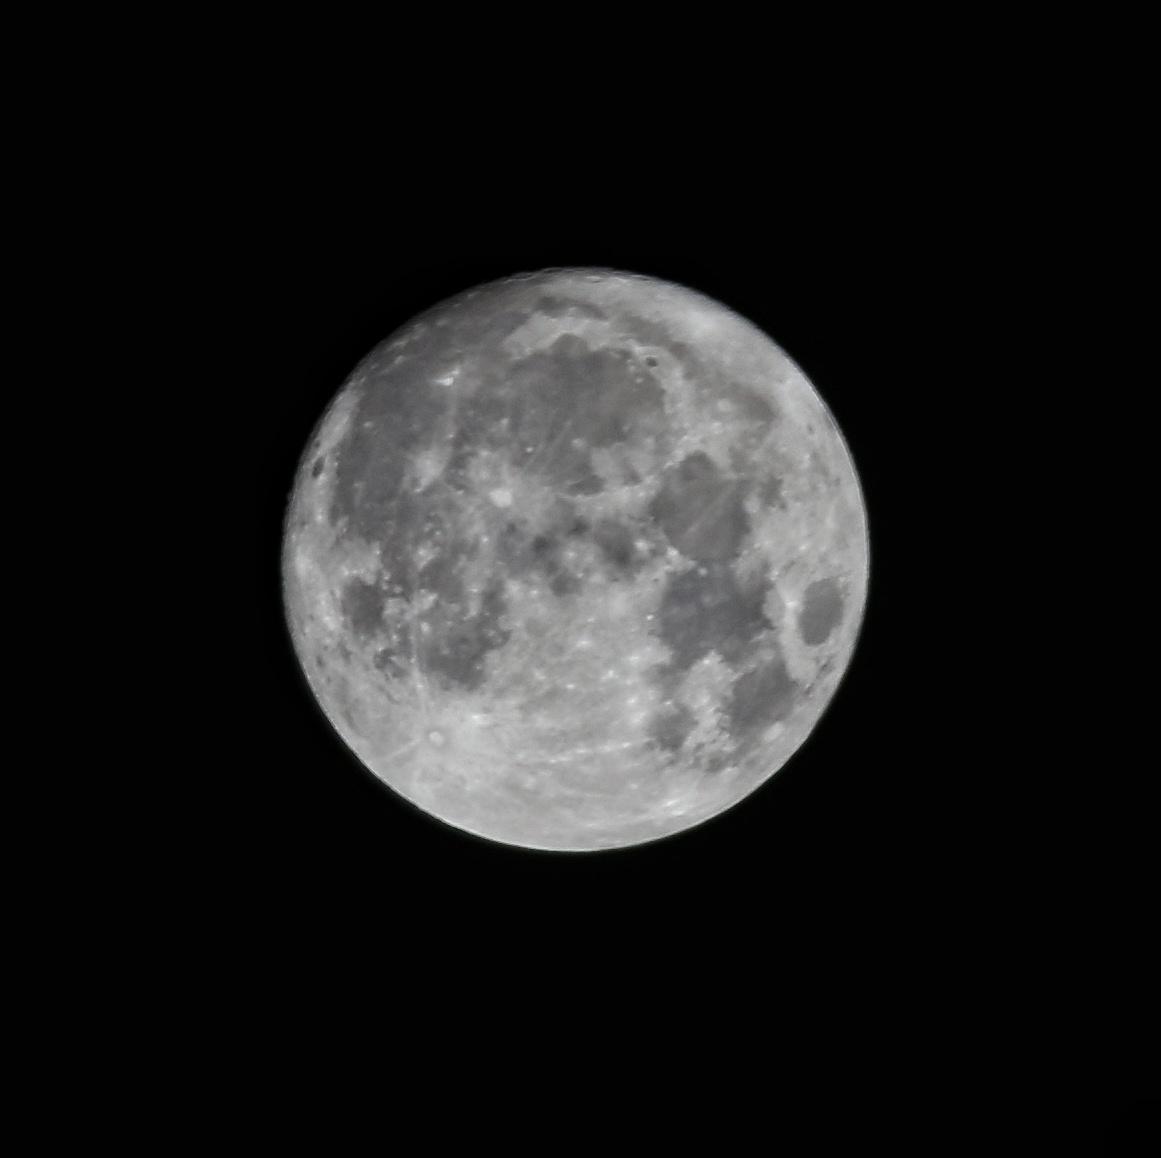 super moon?